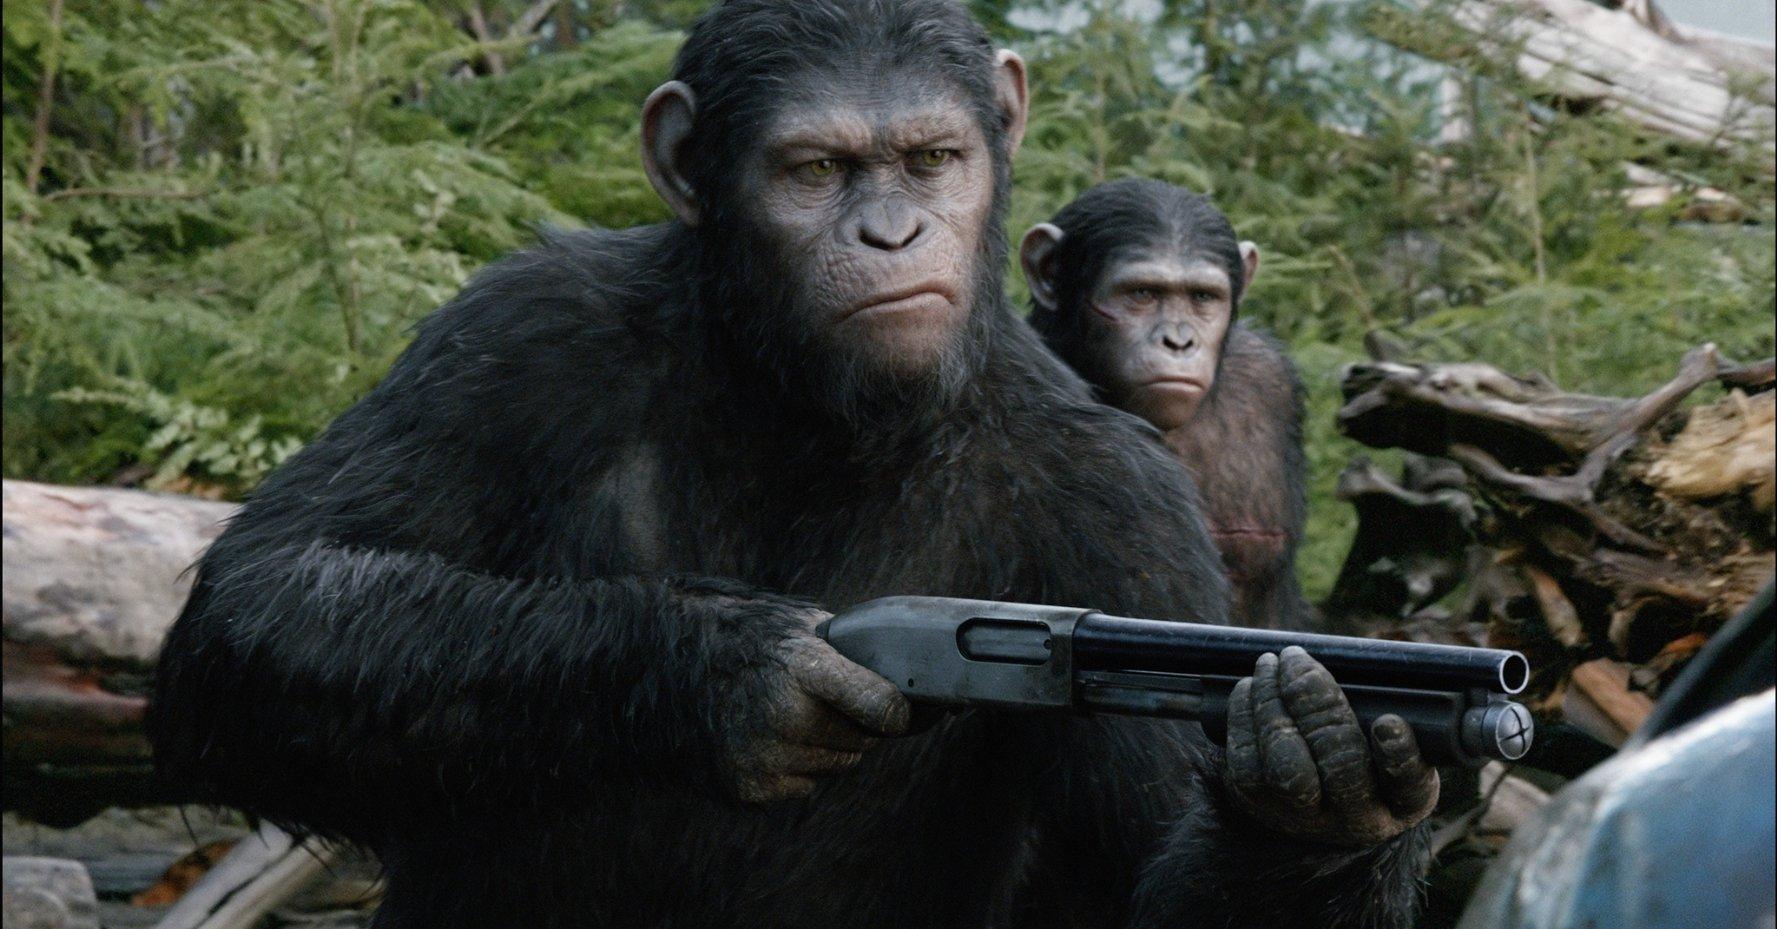 專家相信,如果猿人懂得用槍,人類將會大禍臨頭。圖片來源:電影「「猿人爭霸戰:猩凶崛起」劇照